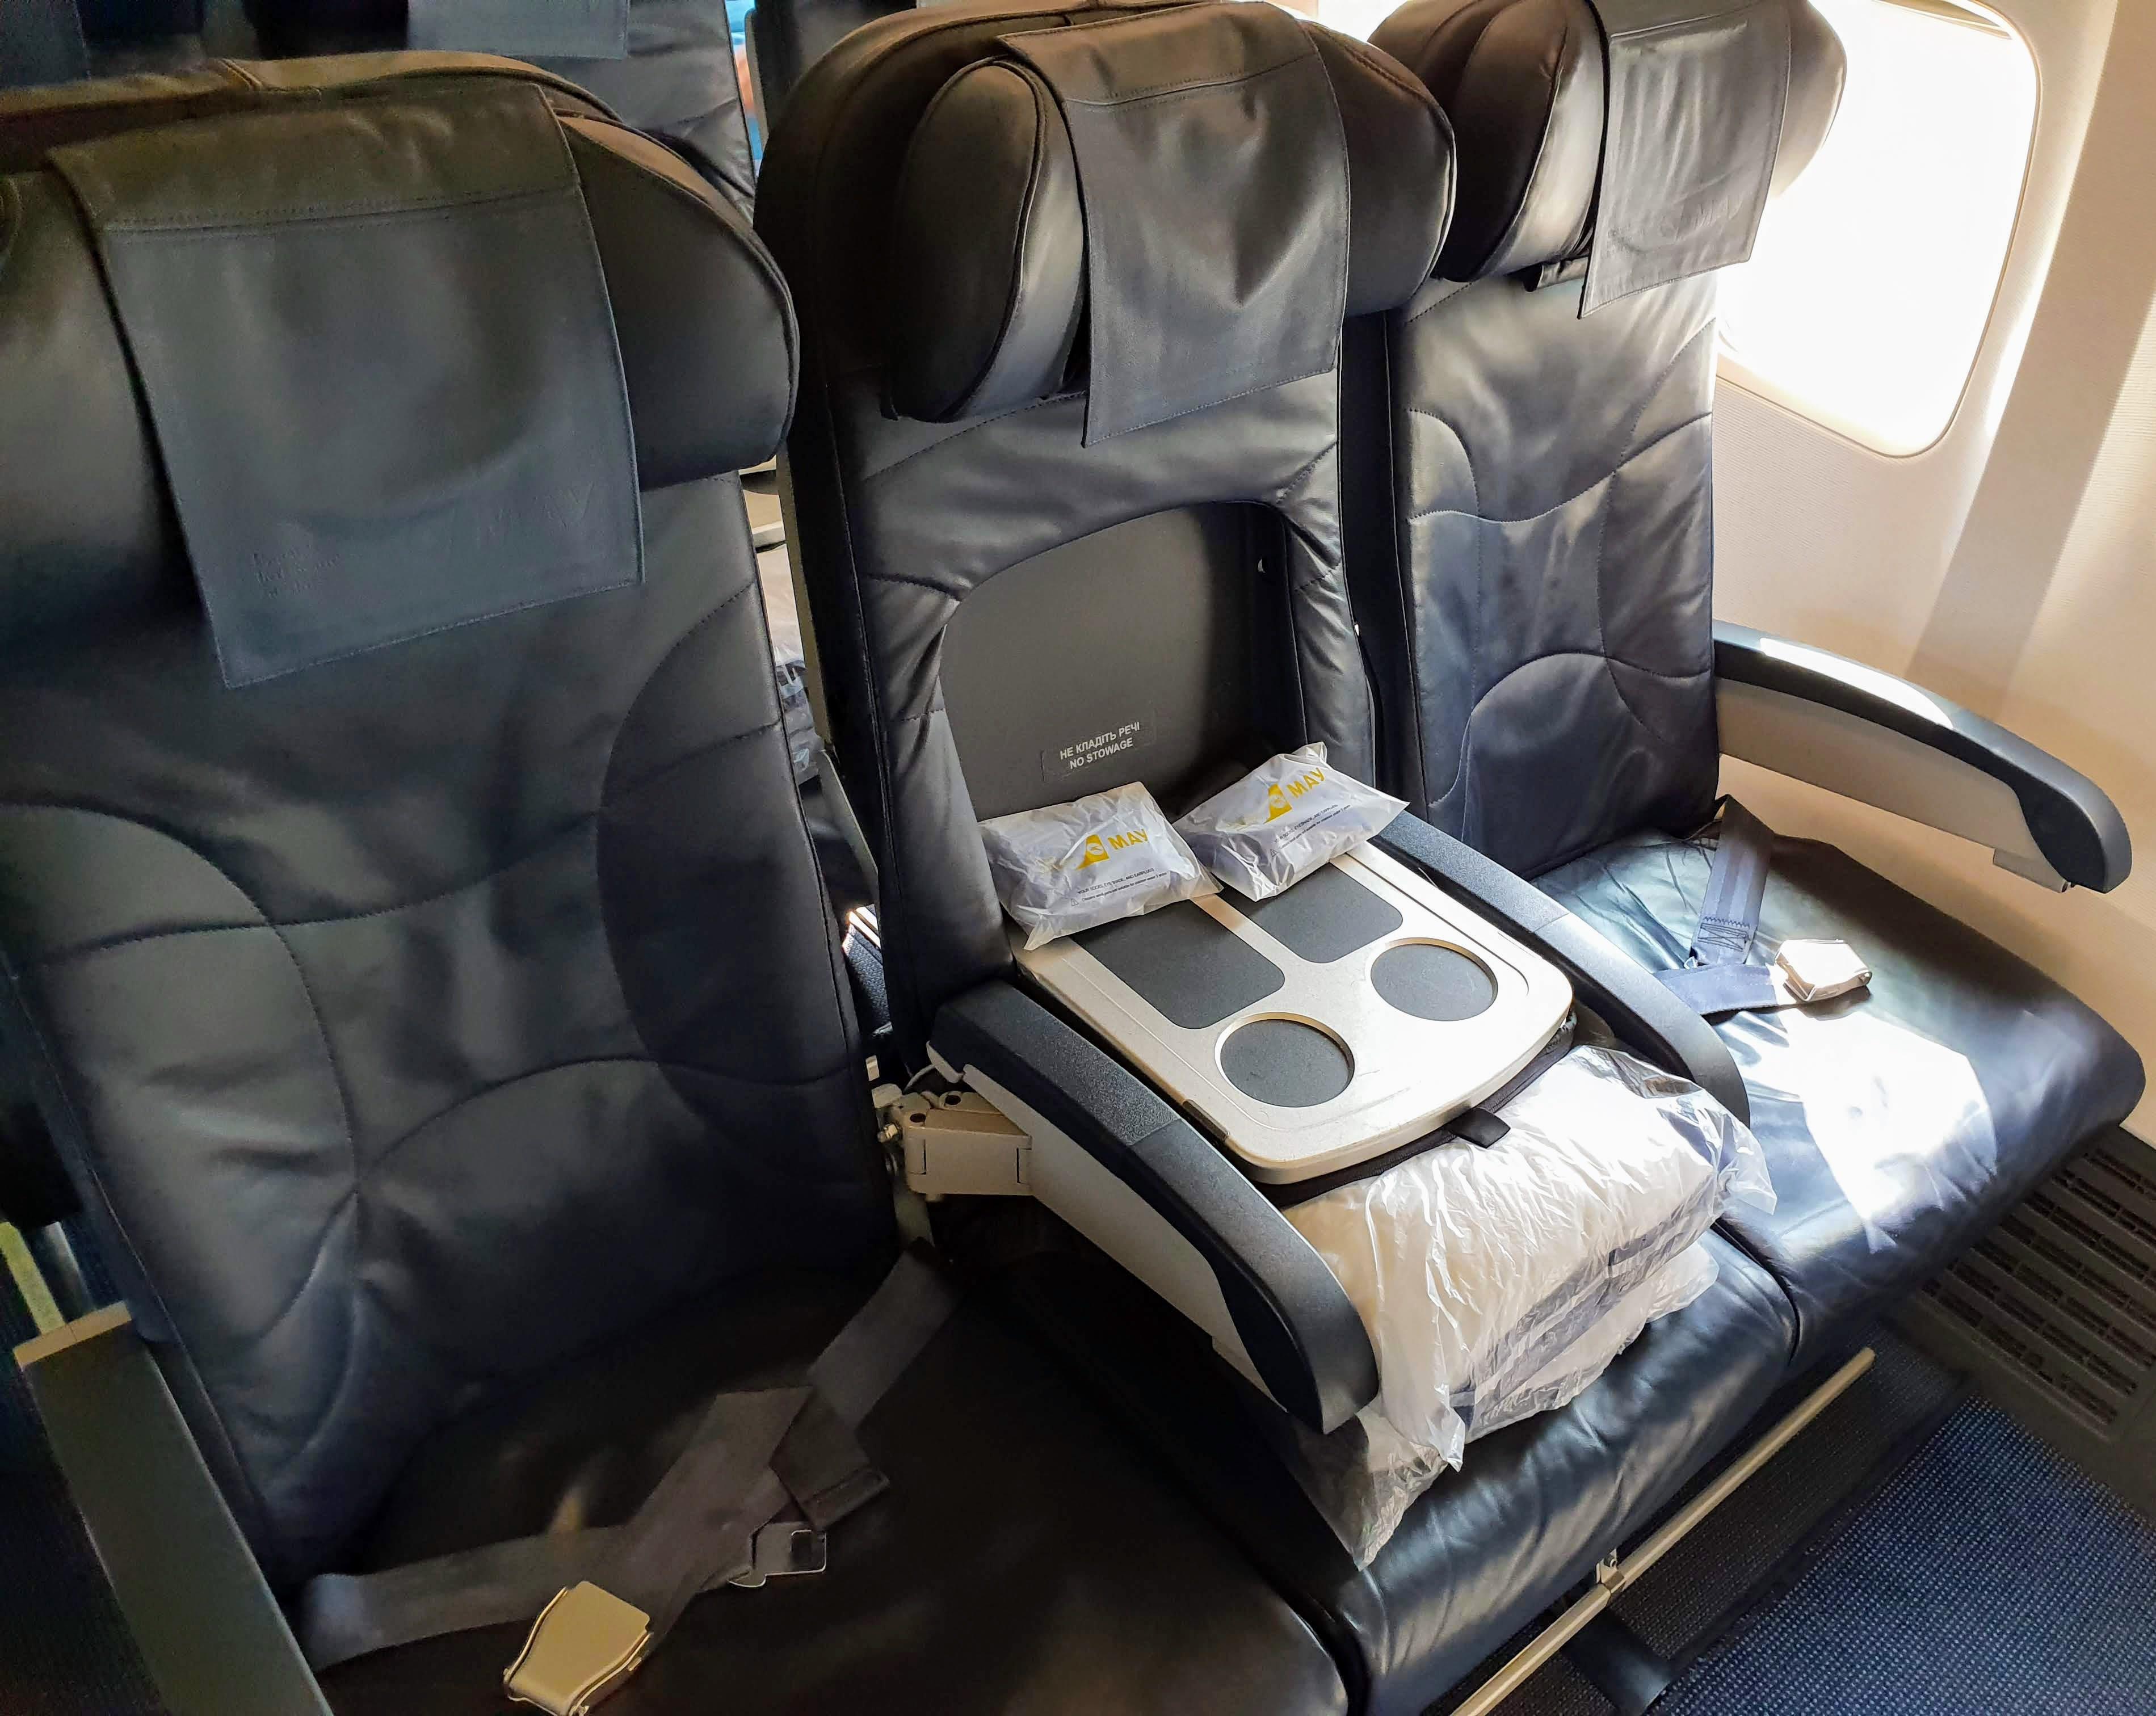 מושבי ביזנס במטוס 737-800 של יוקריין אינטרנשיונל איירליינס UIA